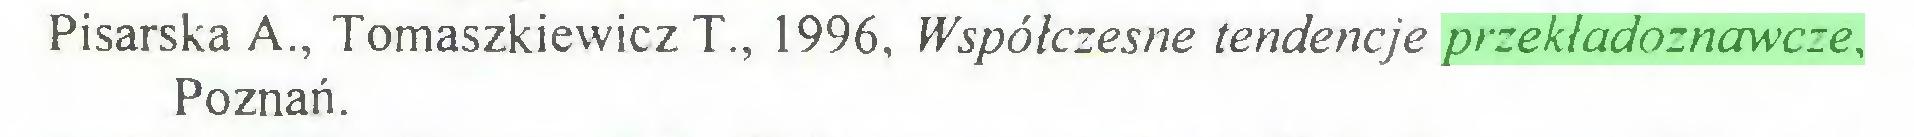 (...) Pisarska A., Tomaszkiewicz T., 1996, Współczesne tendencje przekładoznawcze, Poznań...